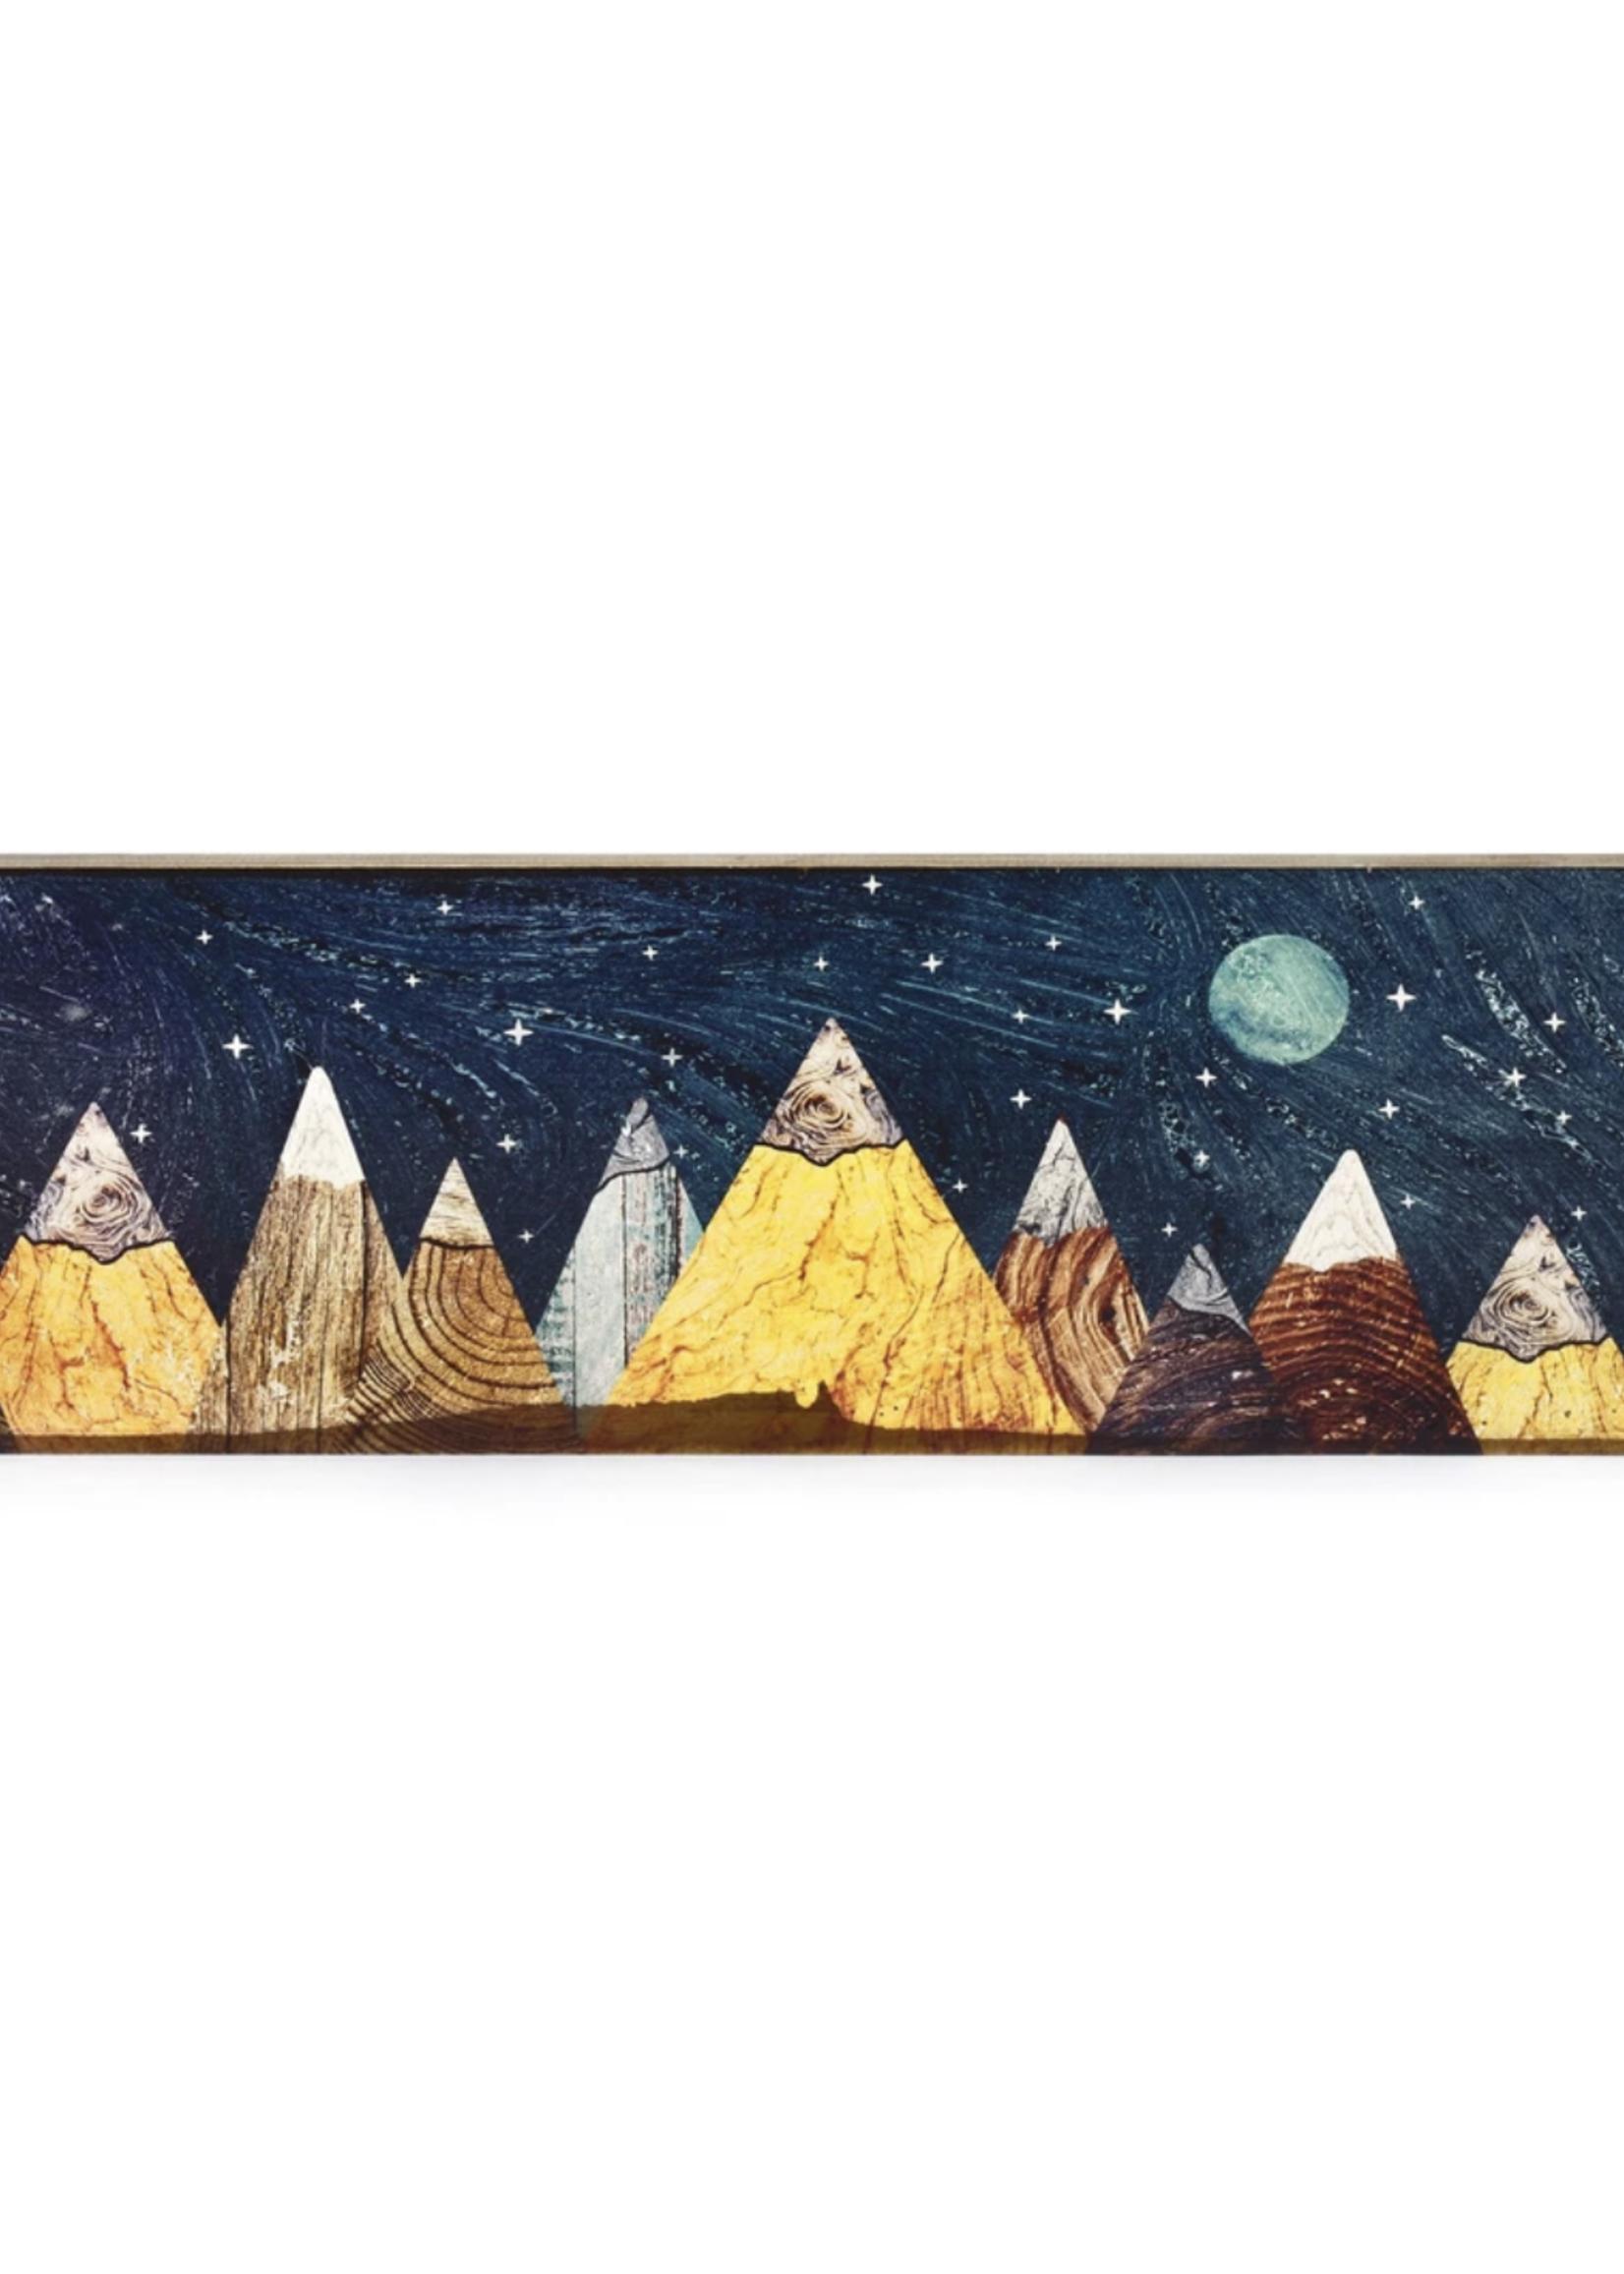 Burl mountain Long (TA2058)